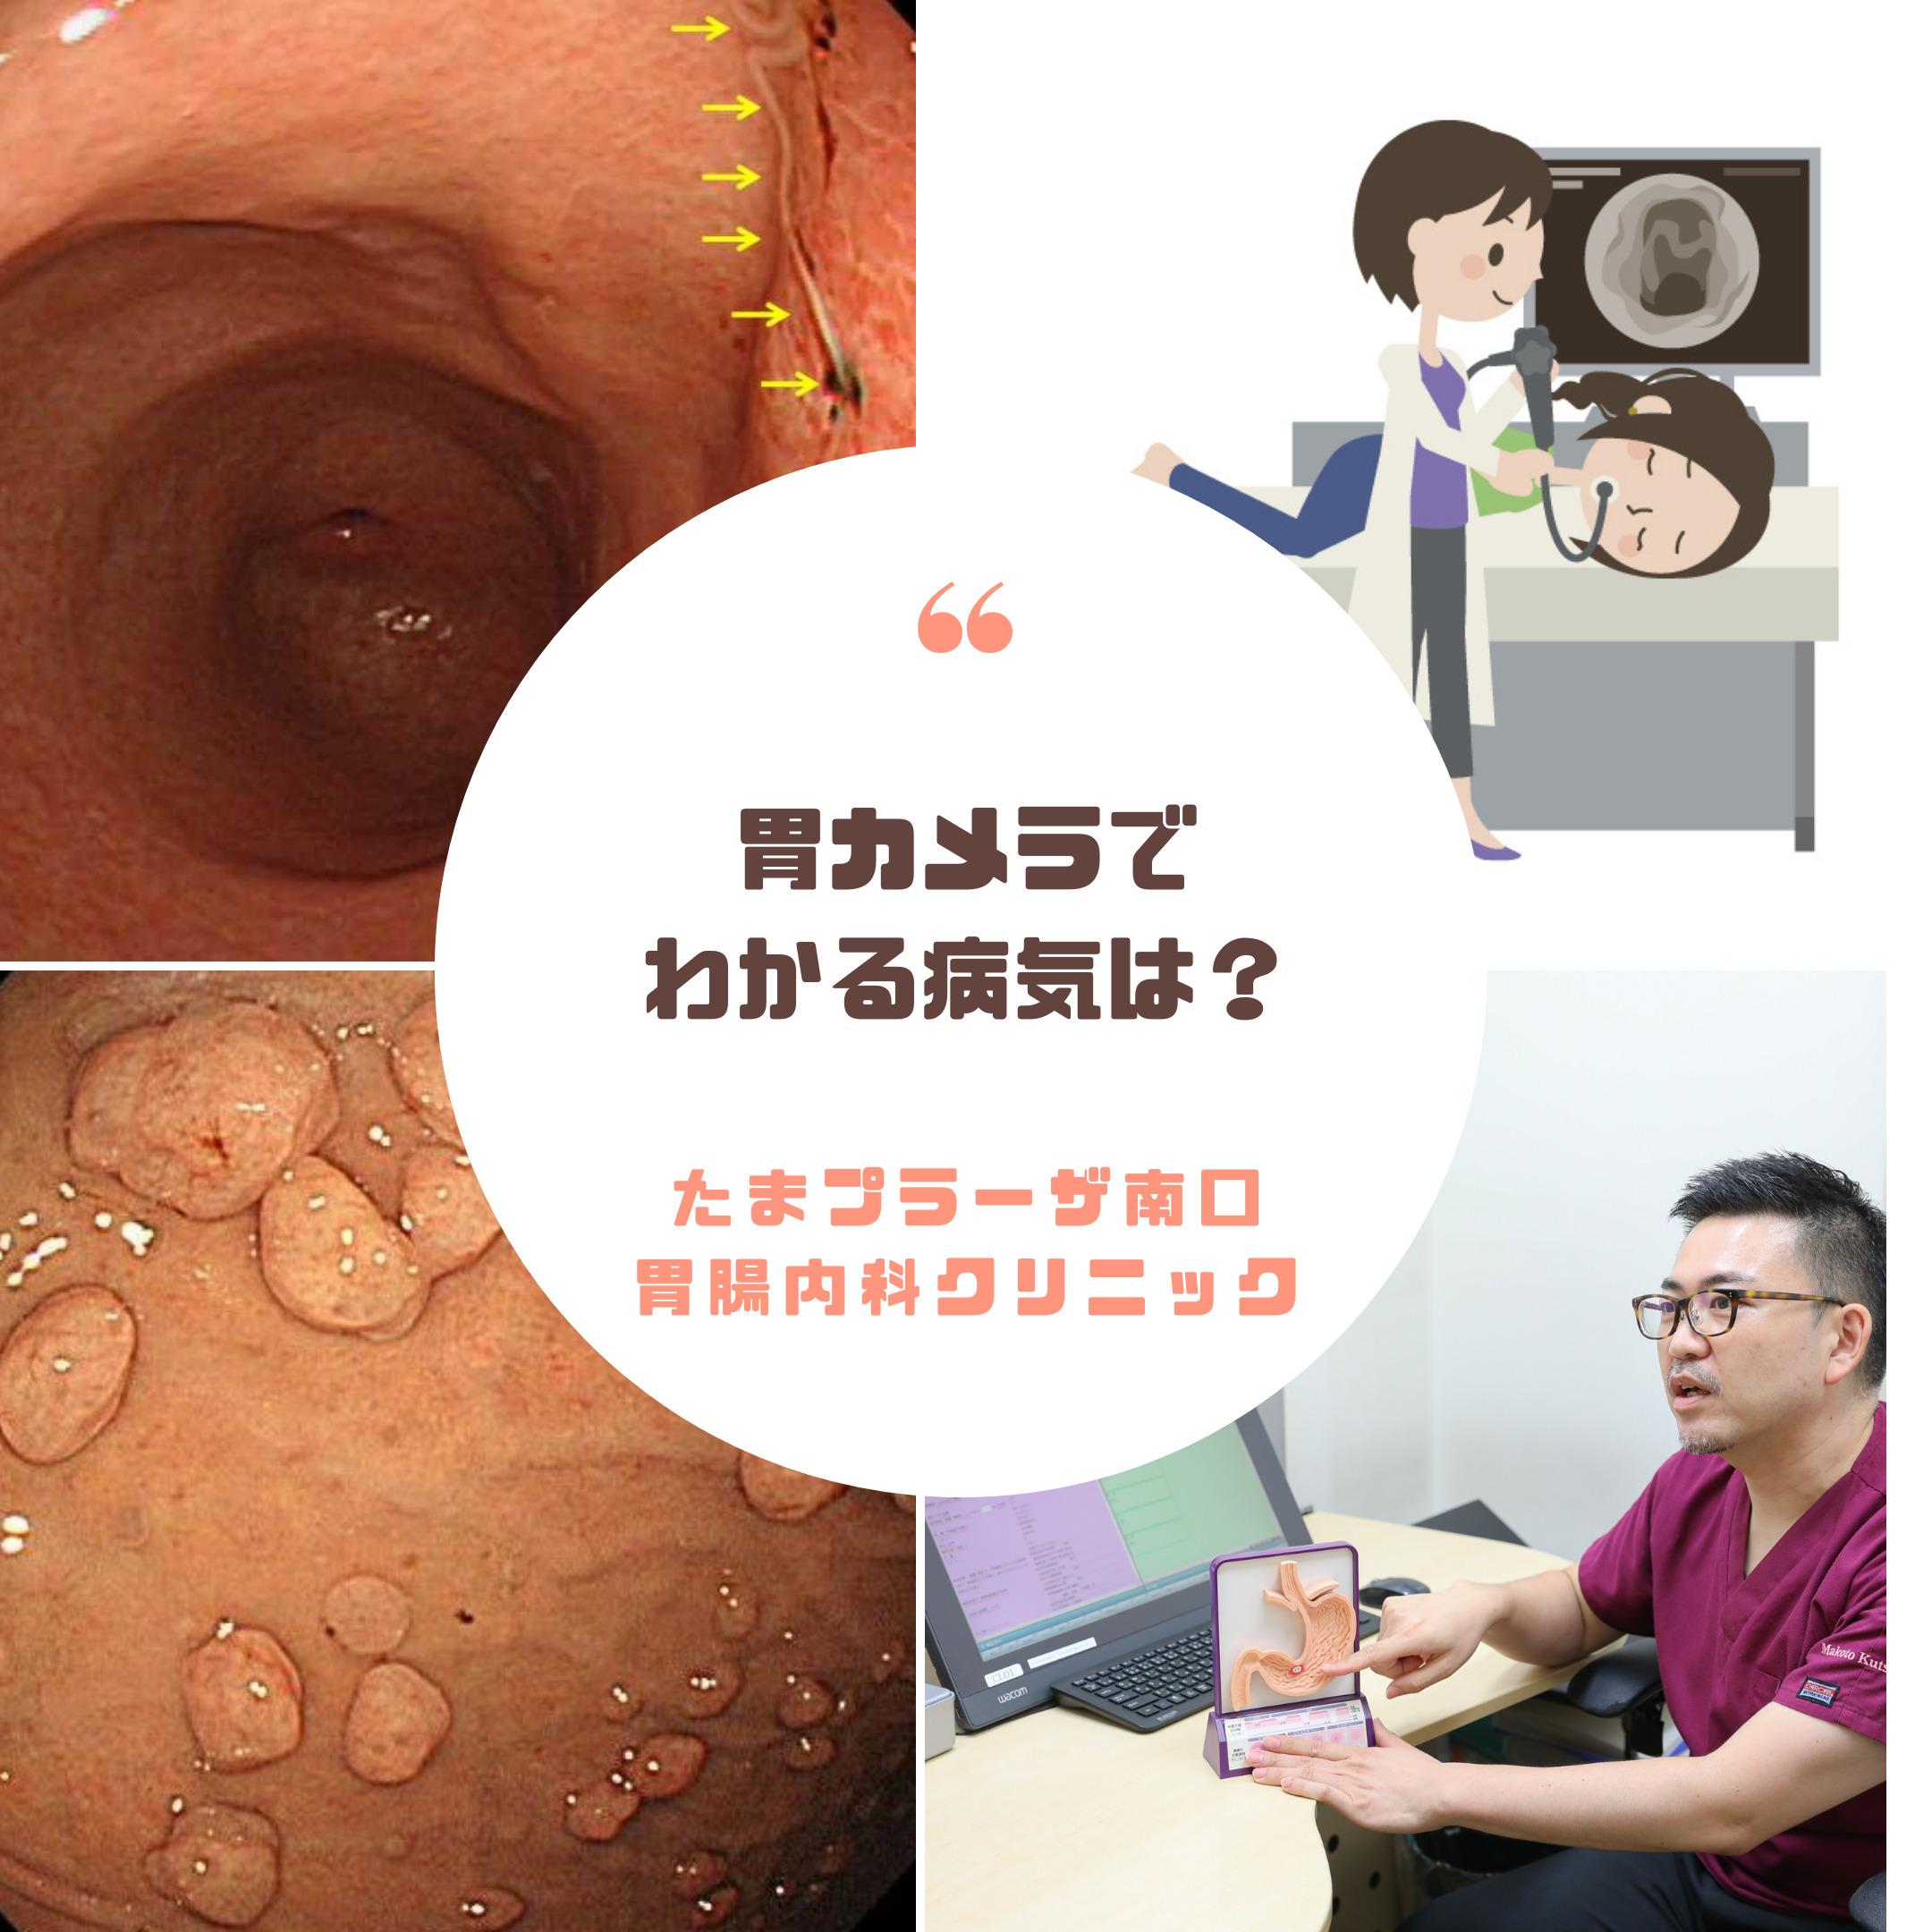 胃カメラで発見できる病気は?